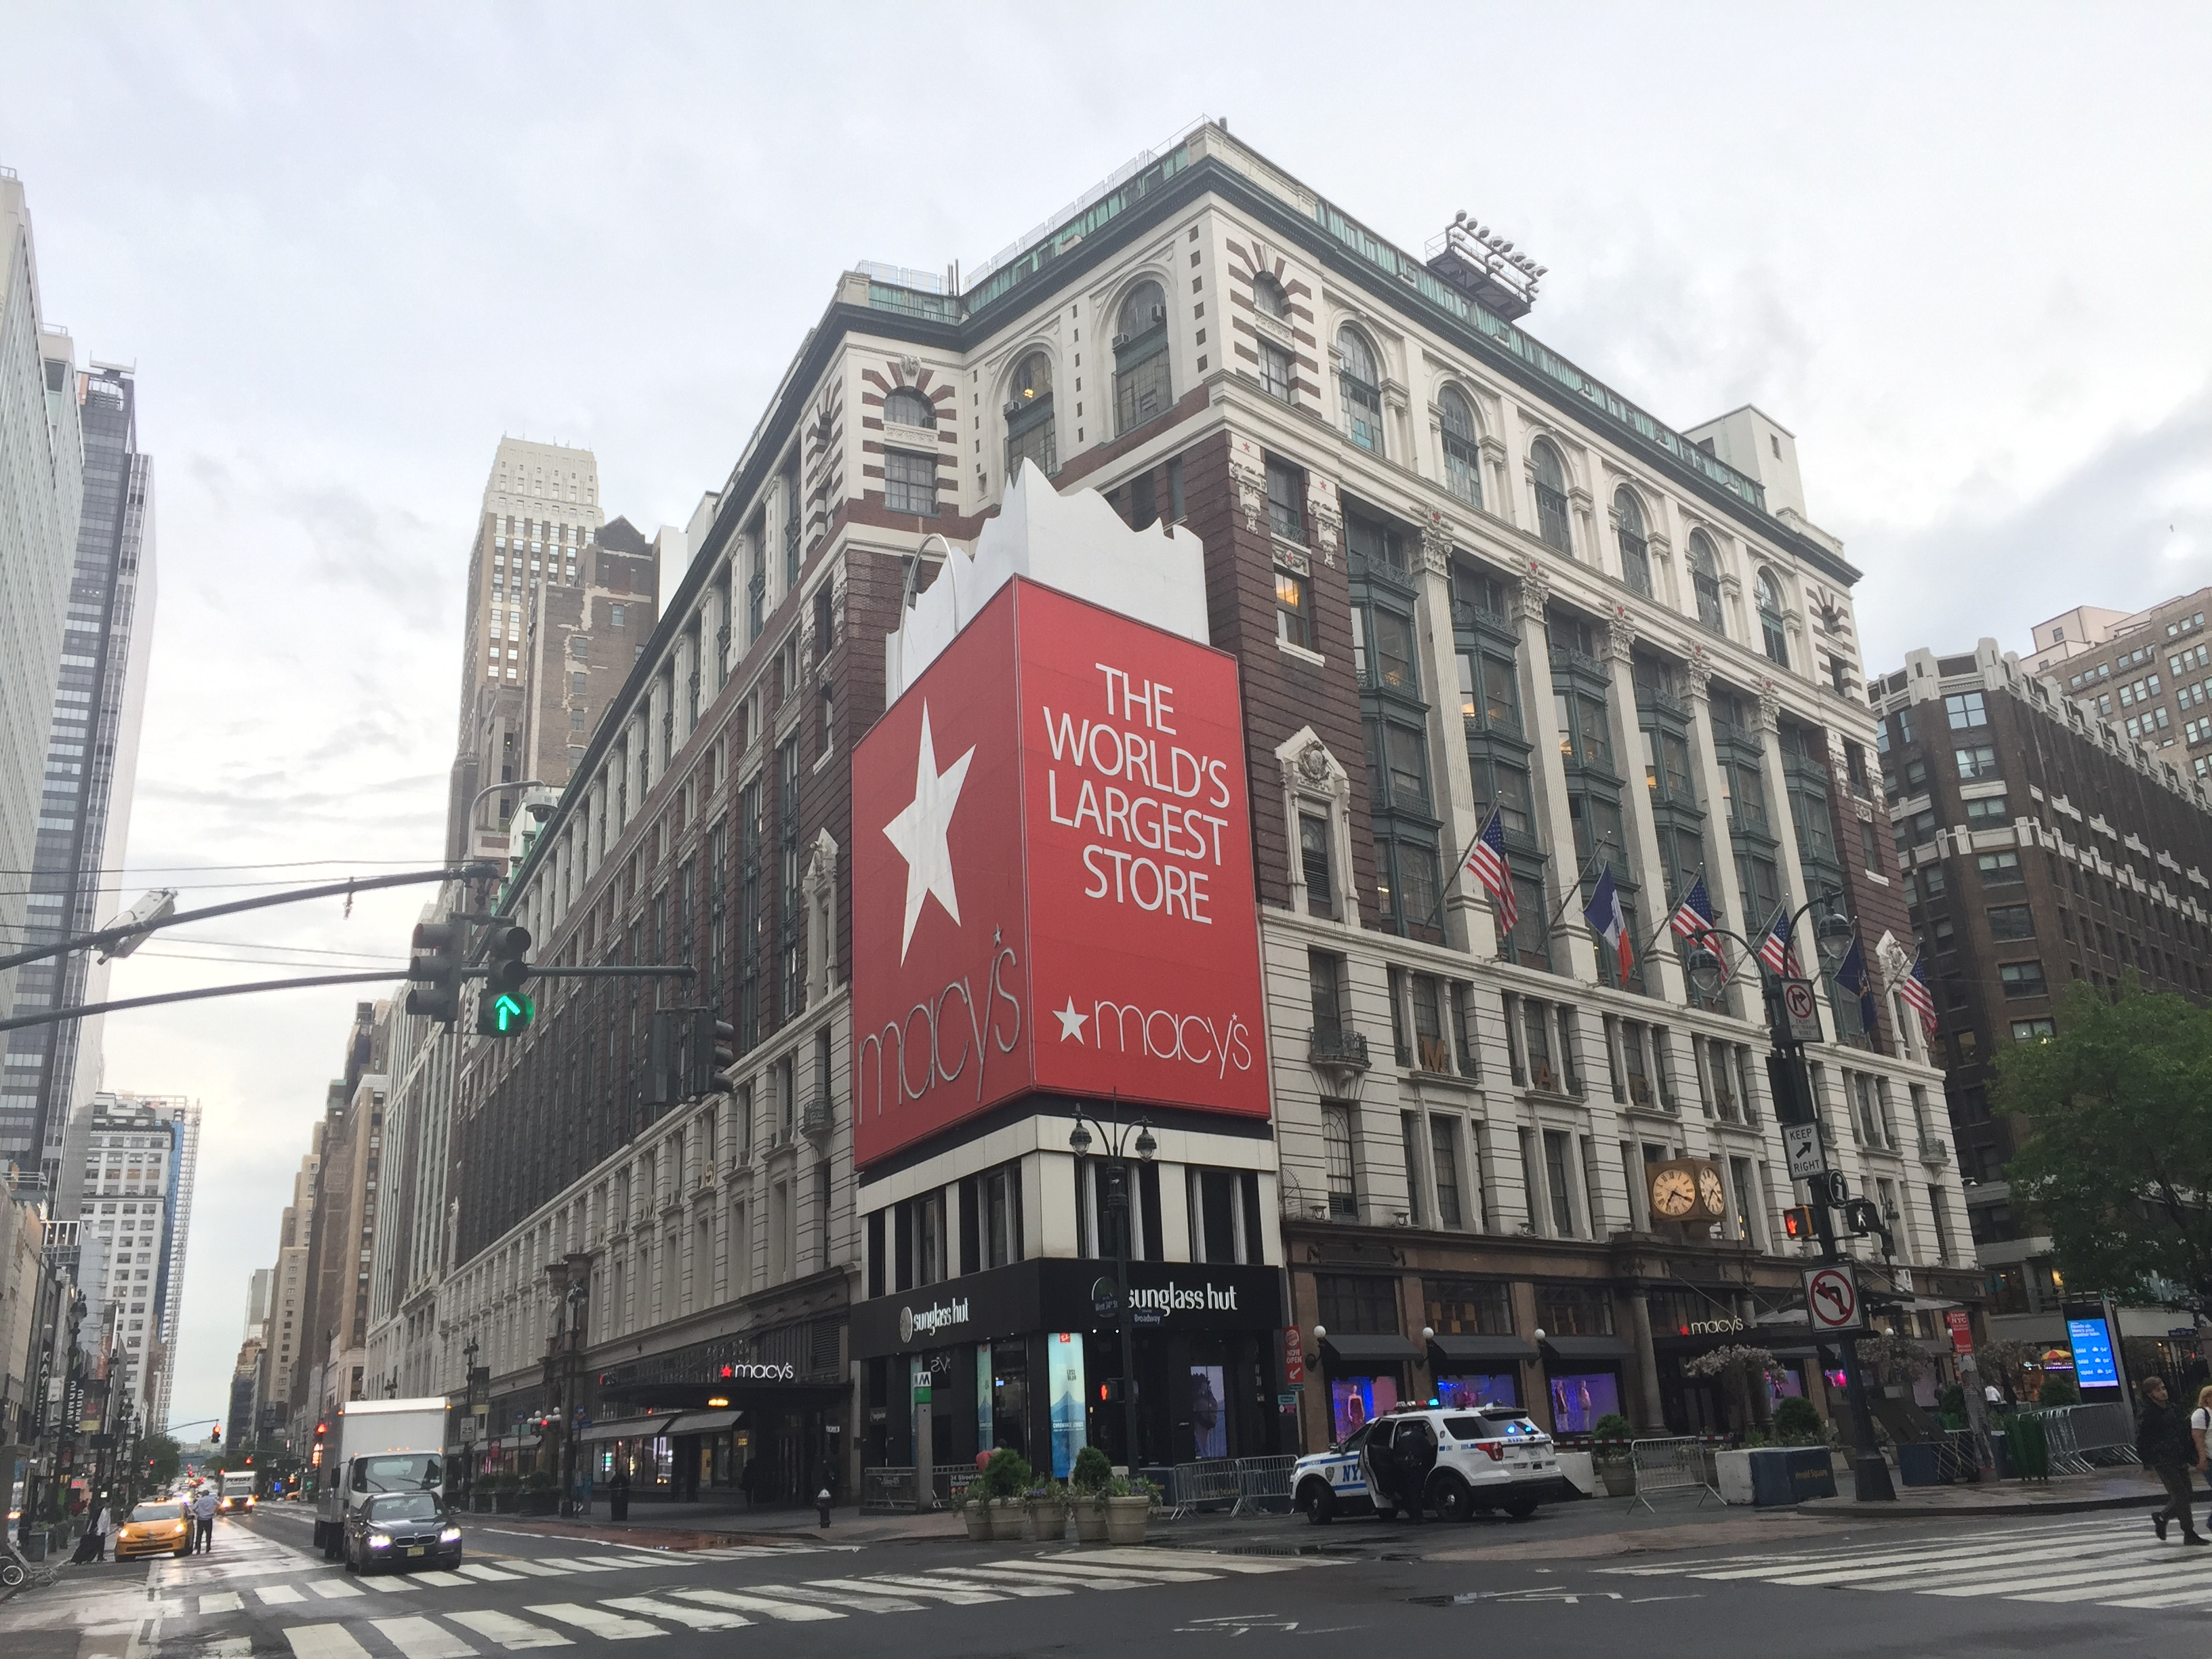 新冠肺炎重創業務,全美最大的梅西百貨集團要求幾乎所有員工放無薪假。圖為位於紐約市的梅西百貨本店。記者張宗智/攝影